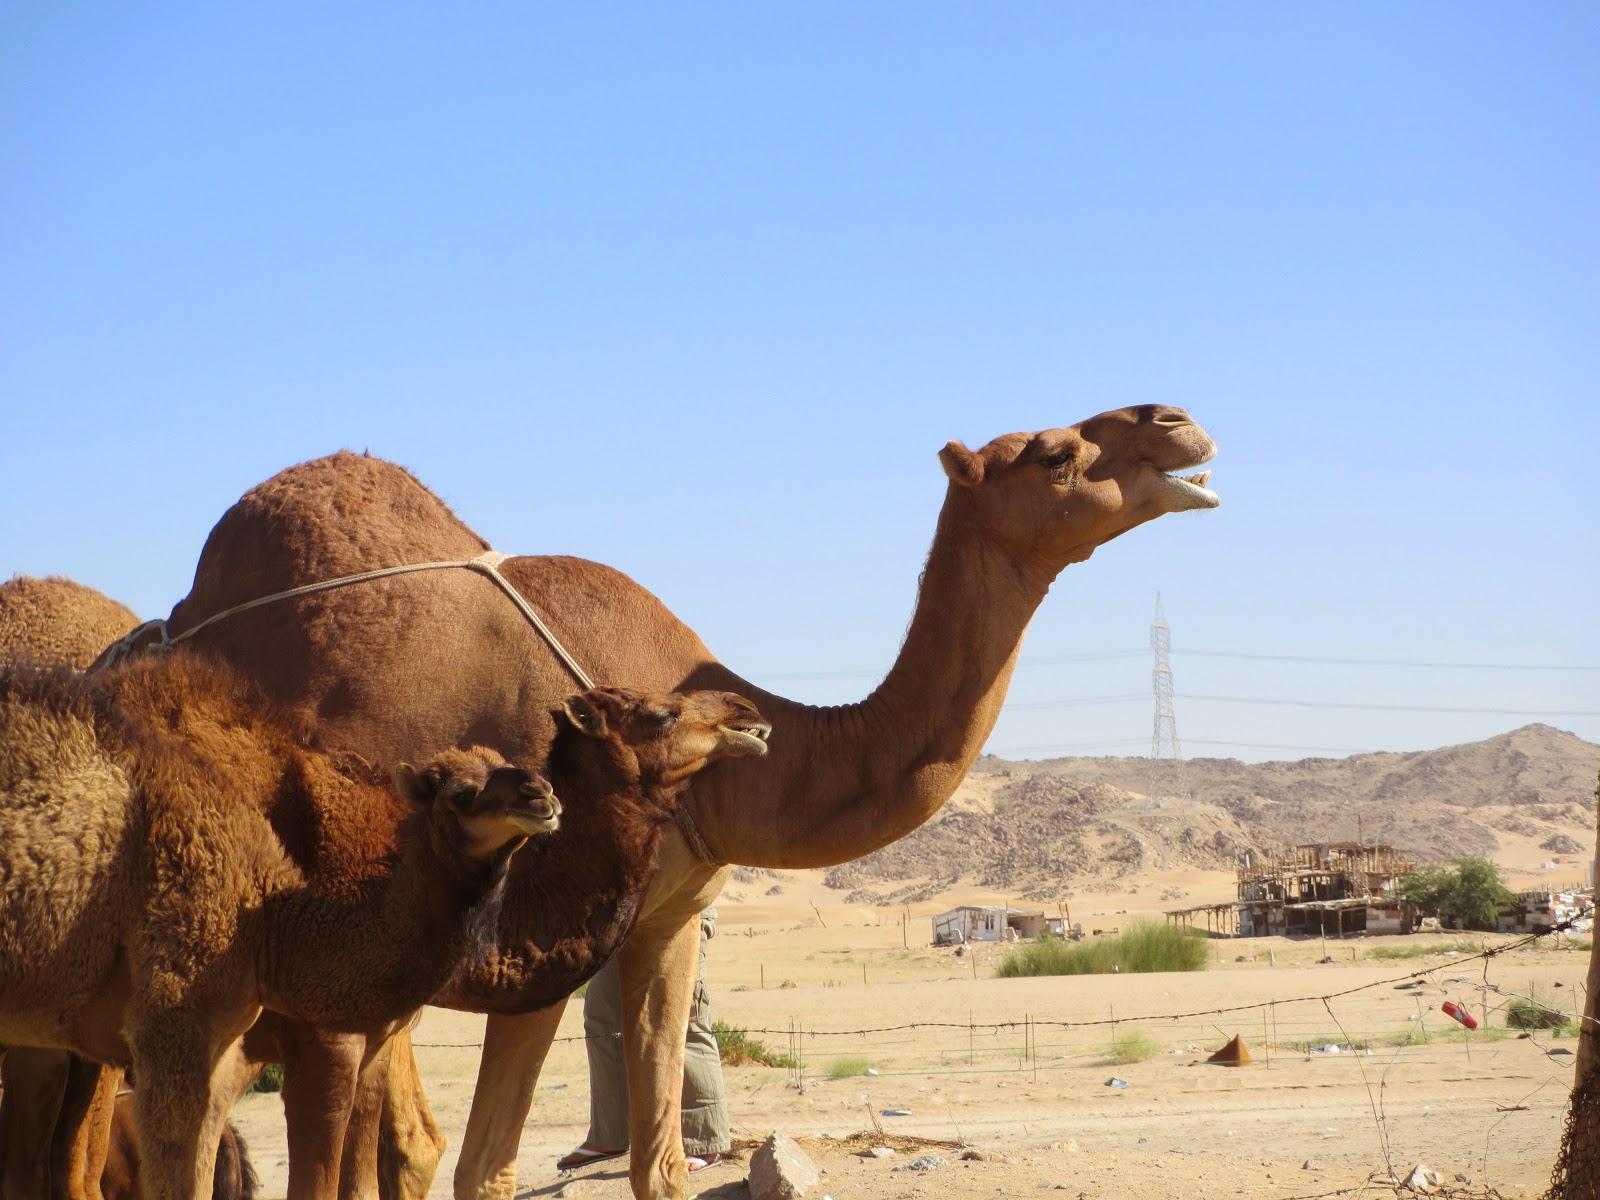 Daftar Travel Haji dan Umroh Resmi Depag